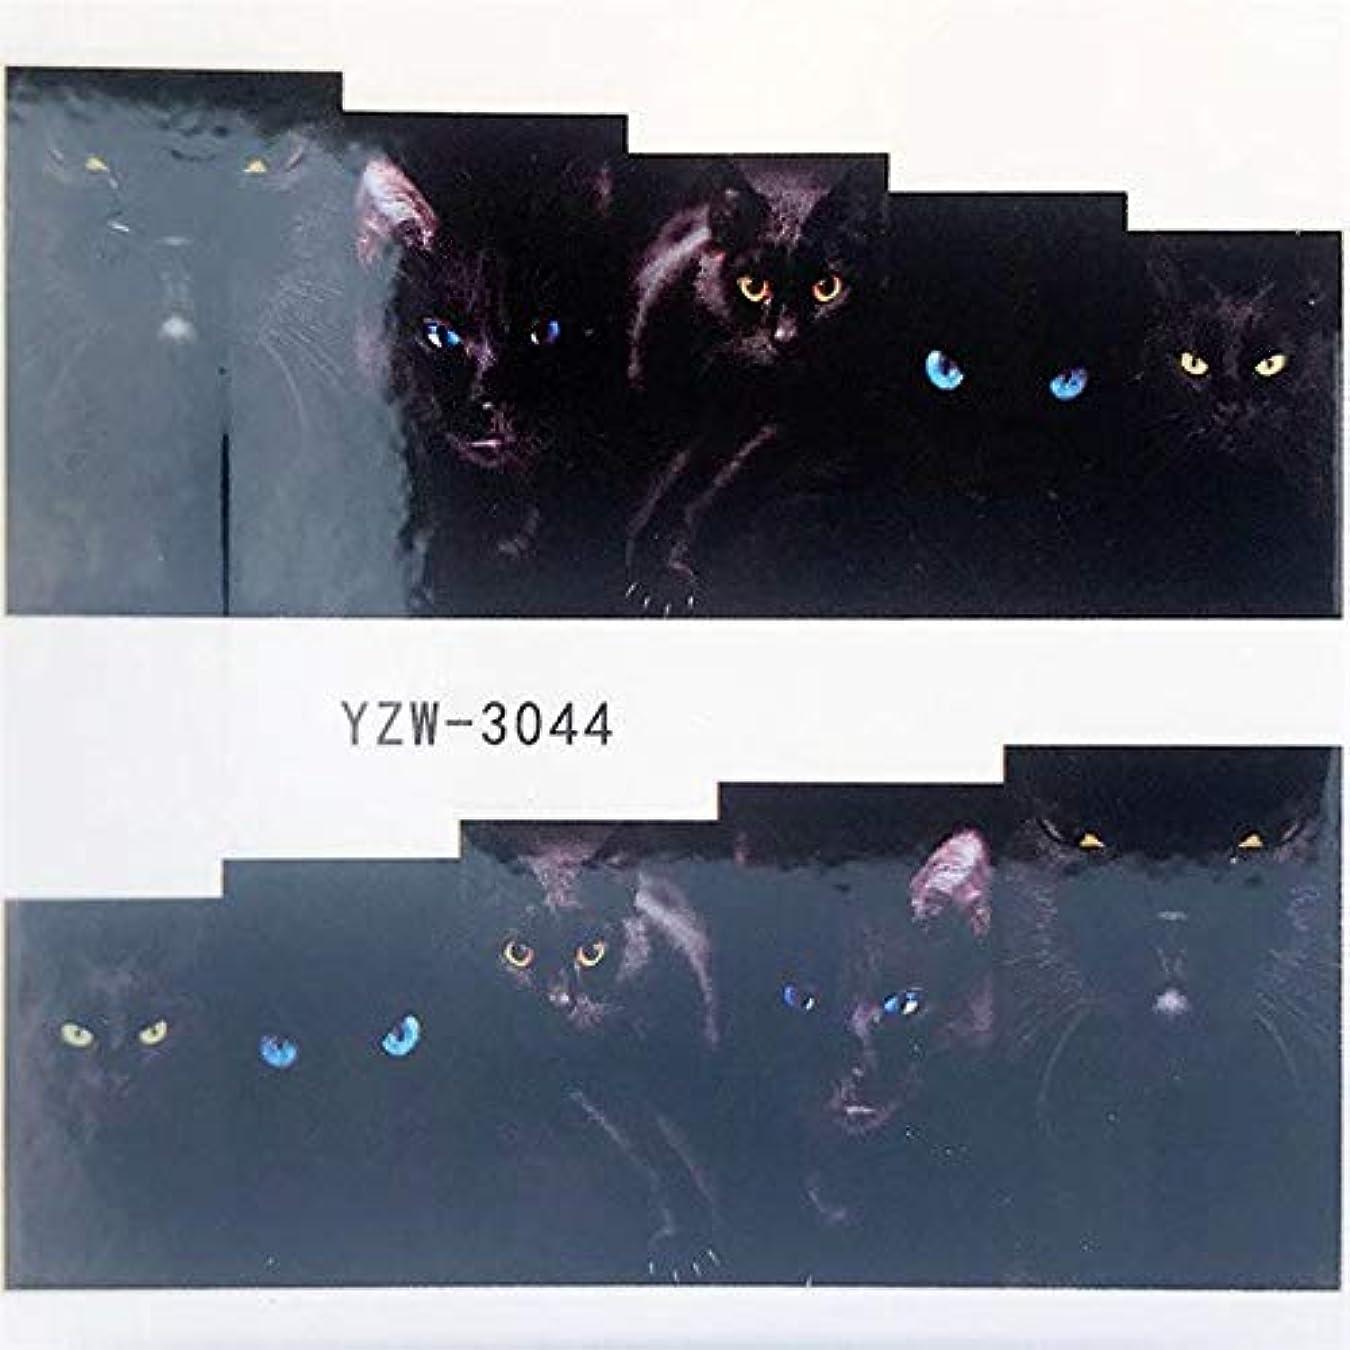 世界記録のギネスブックネブケーブルSUKTI&XIAO ネイルステッカー 1枚のDIY水転写ネイルアートステッカーカラフルな紫色の花ネイルステッカーラップ